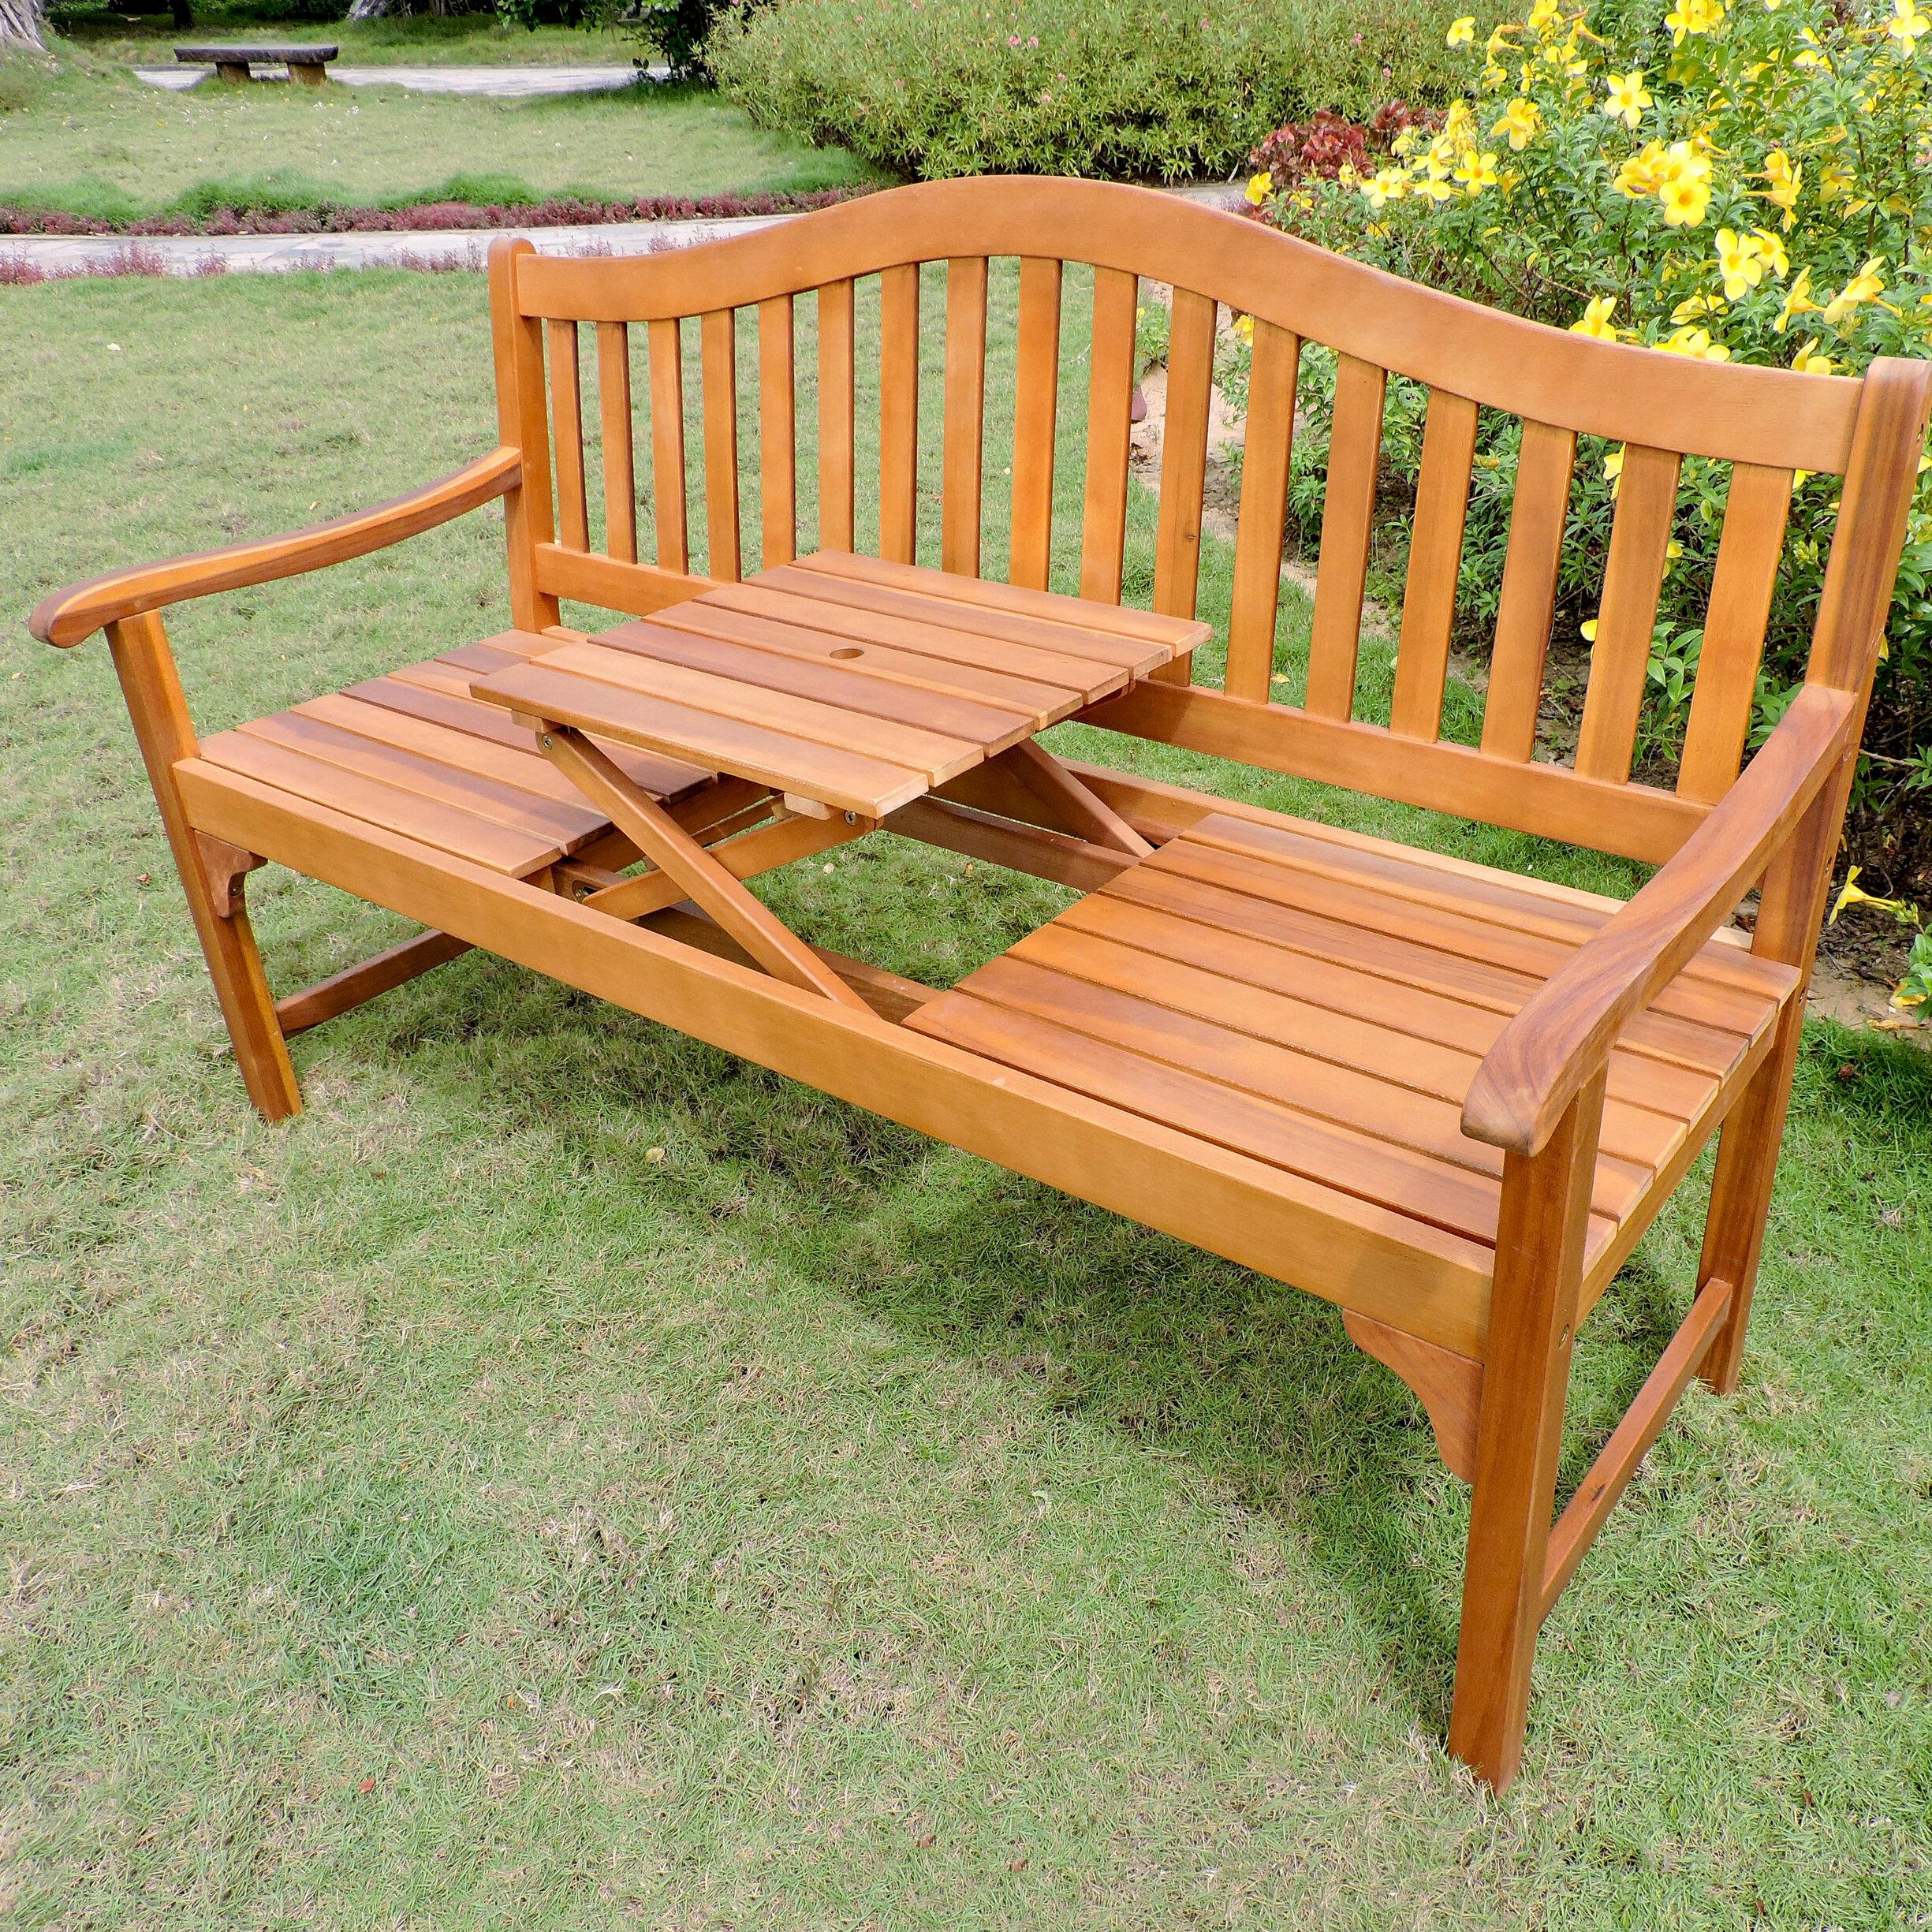 Leone Wooden Garden Bench In Maliyah Wooden Garden Benches (View 4 of 25)